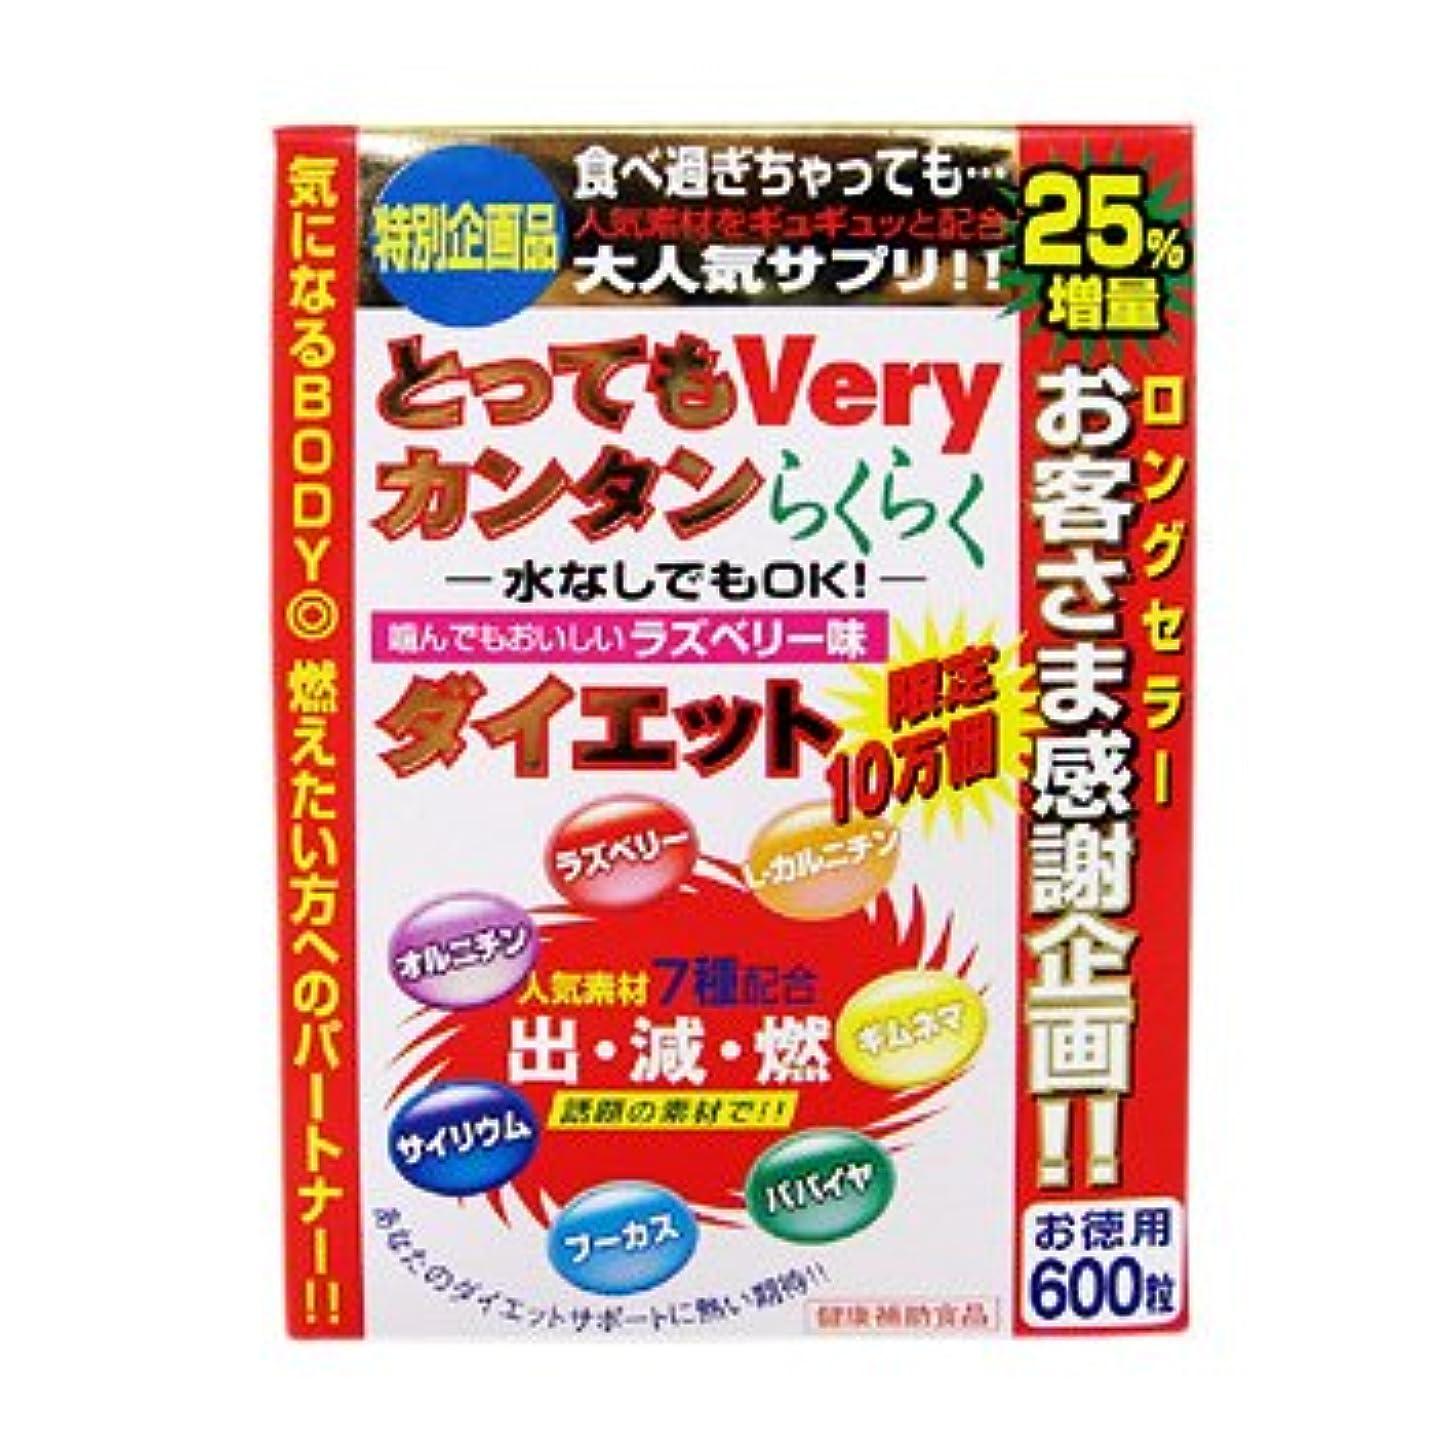 エミュレーションメトリックほとんどの場合ジャパンギャルズ とってもVery カンタンらくらくダイエット お徳用 600粒 とってもベリー×5個セット